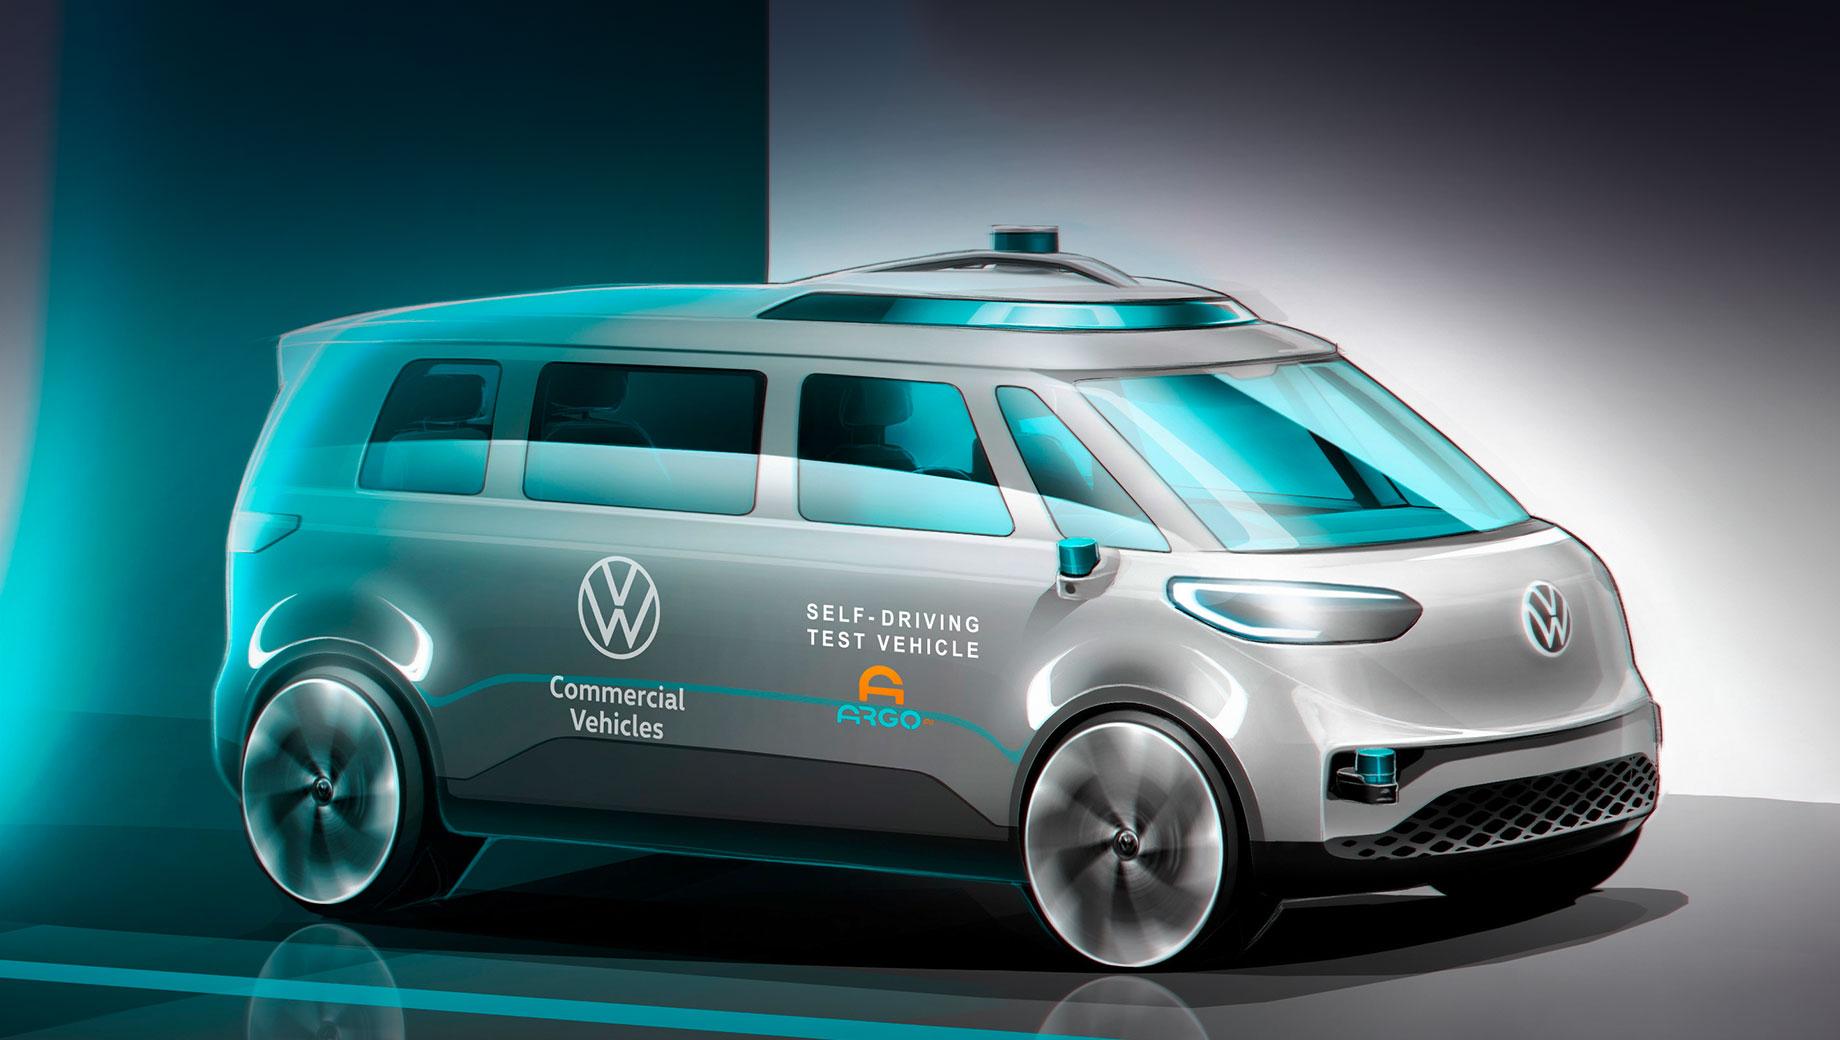 Volkswagen id buzz,Volkswagen id buzz cargo. Официально заявлено, что развитие микроавтобуса «идёт полным ходом», чтобы он дебютировал в 2022 году. Процесс разработки назван «электрификацией культового Bulli». Вероятно, ID. Buzz сменит имя на ID.7. Систему «самоуправления» SDS (self-driving system) установит Argo AI.